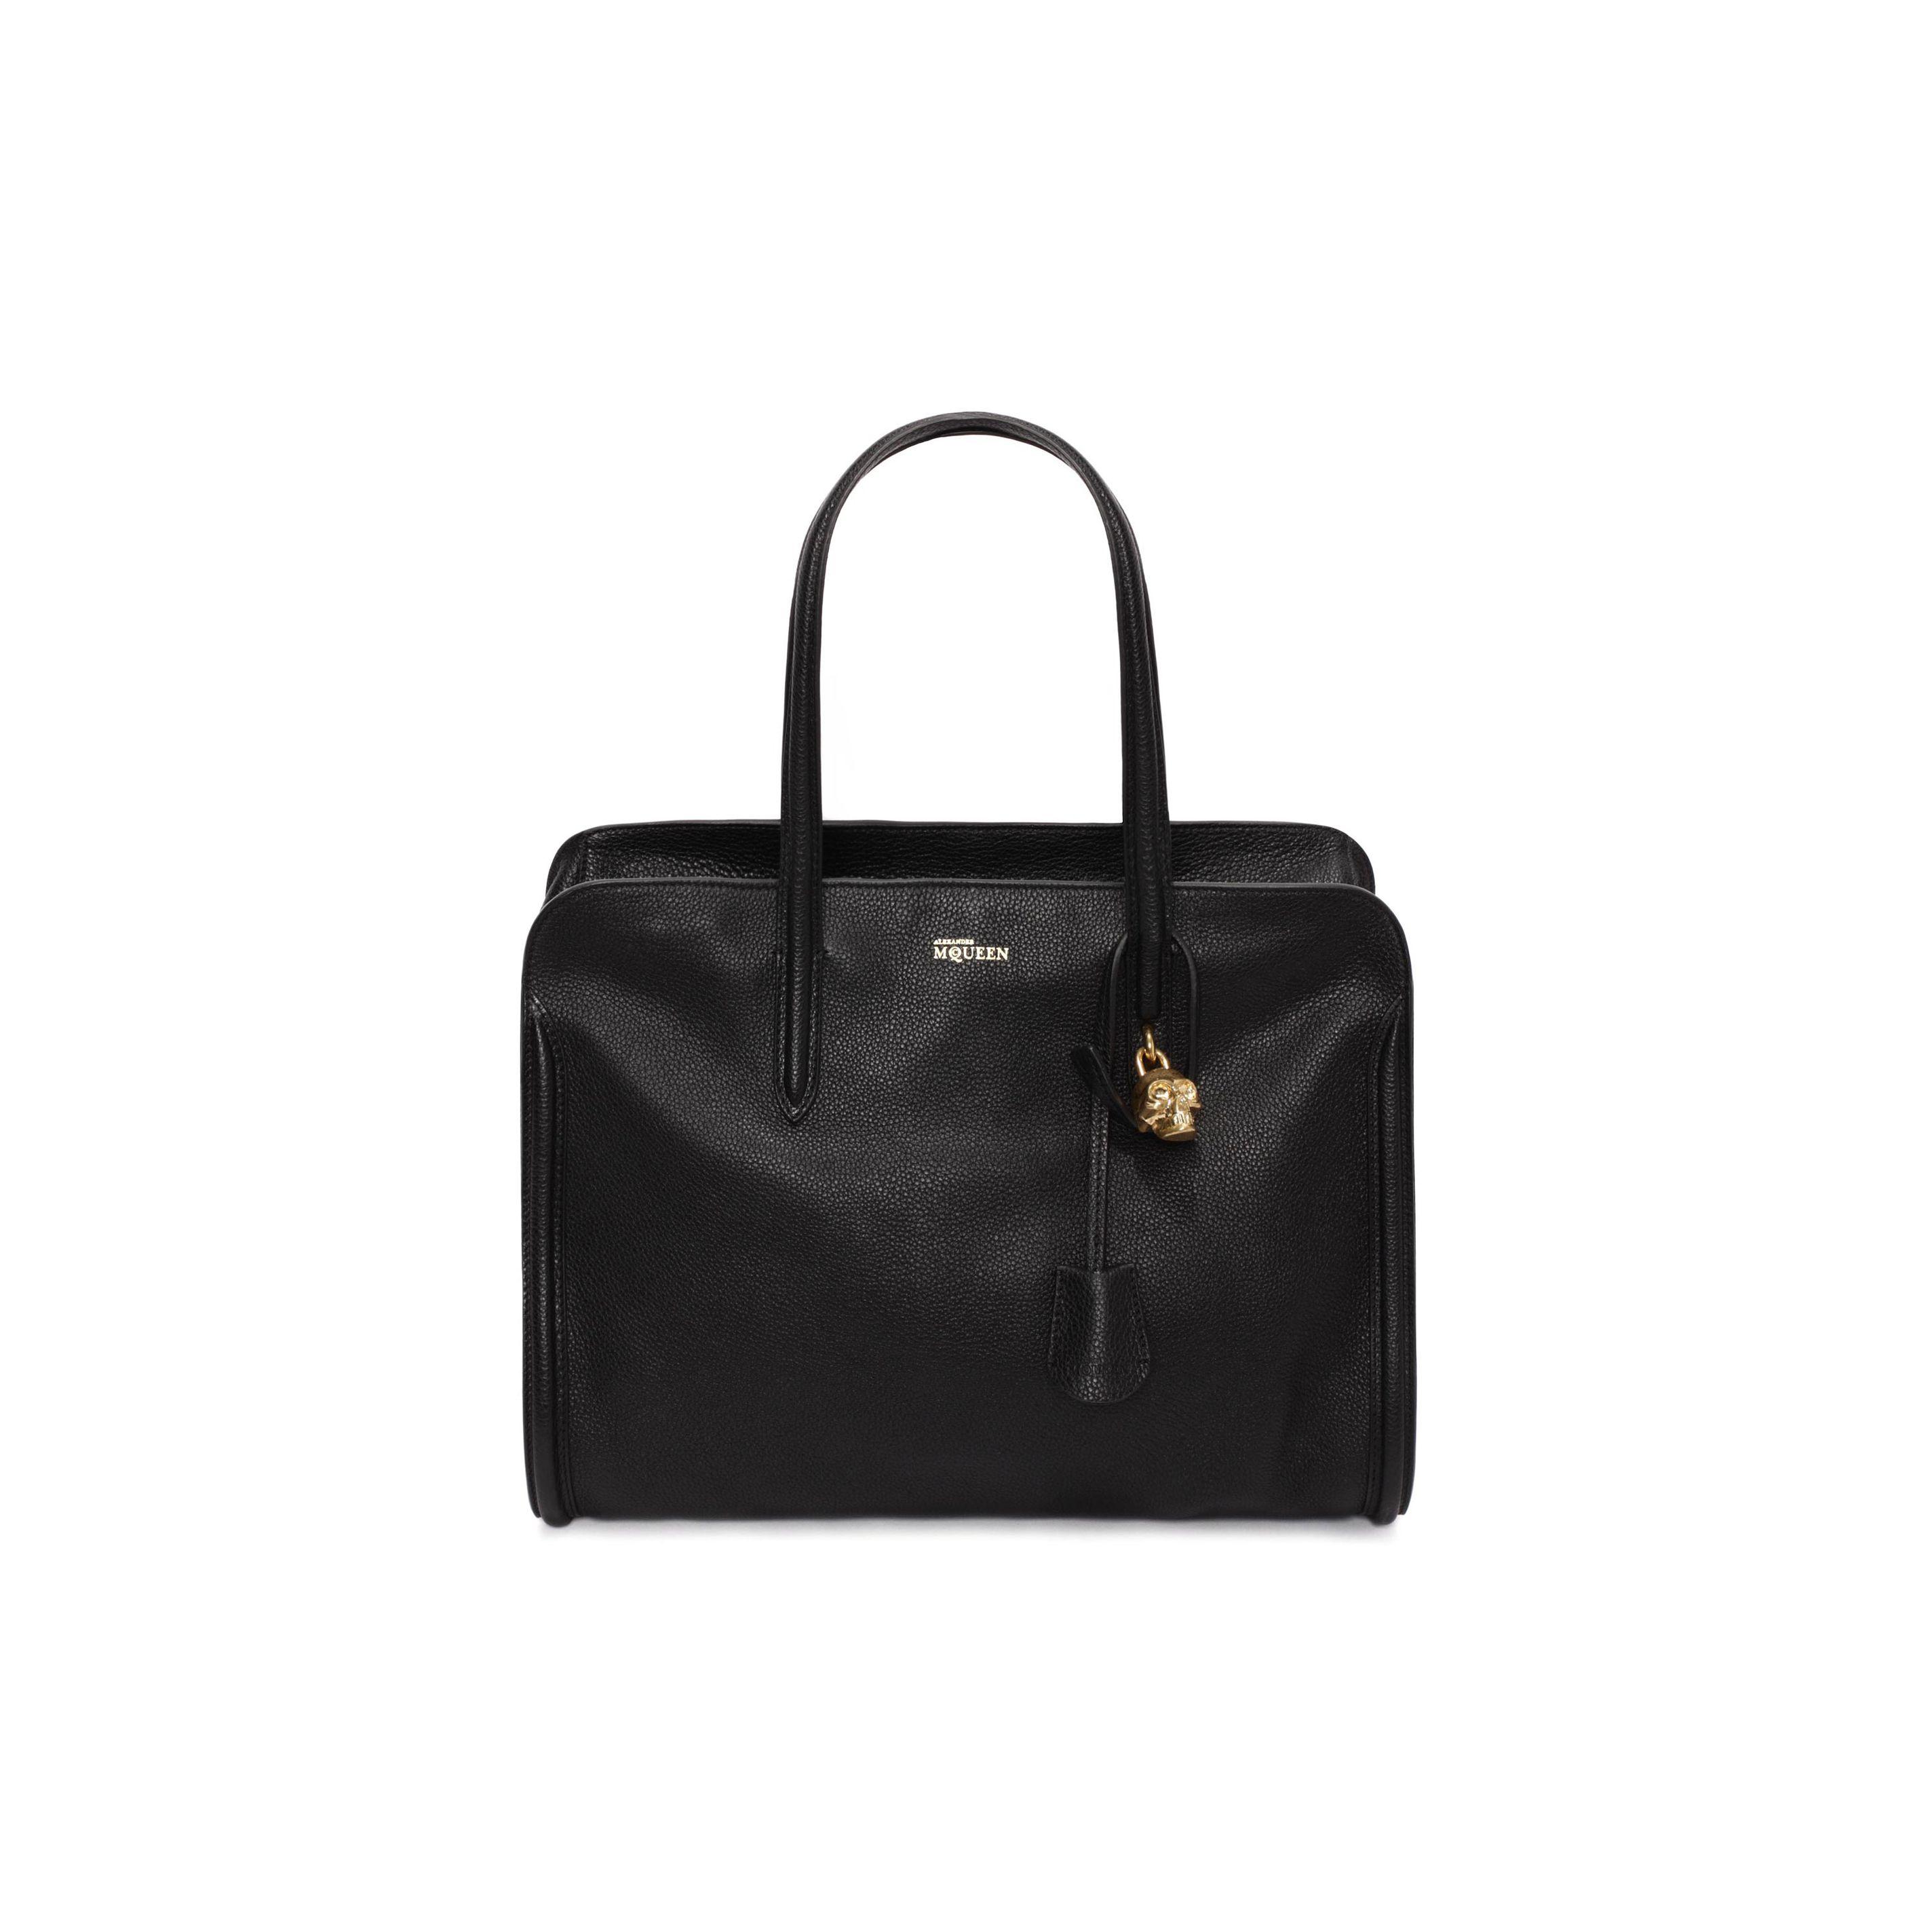 Grainy leather skull padlock top handle bag alexander mcqueen